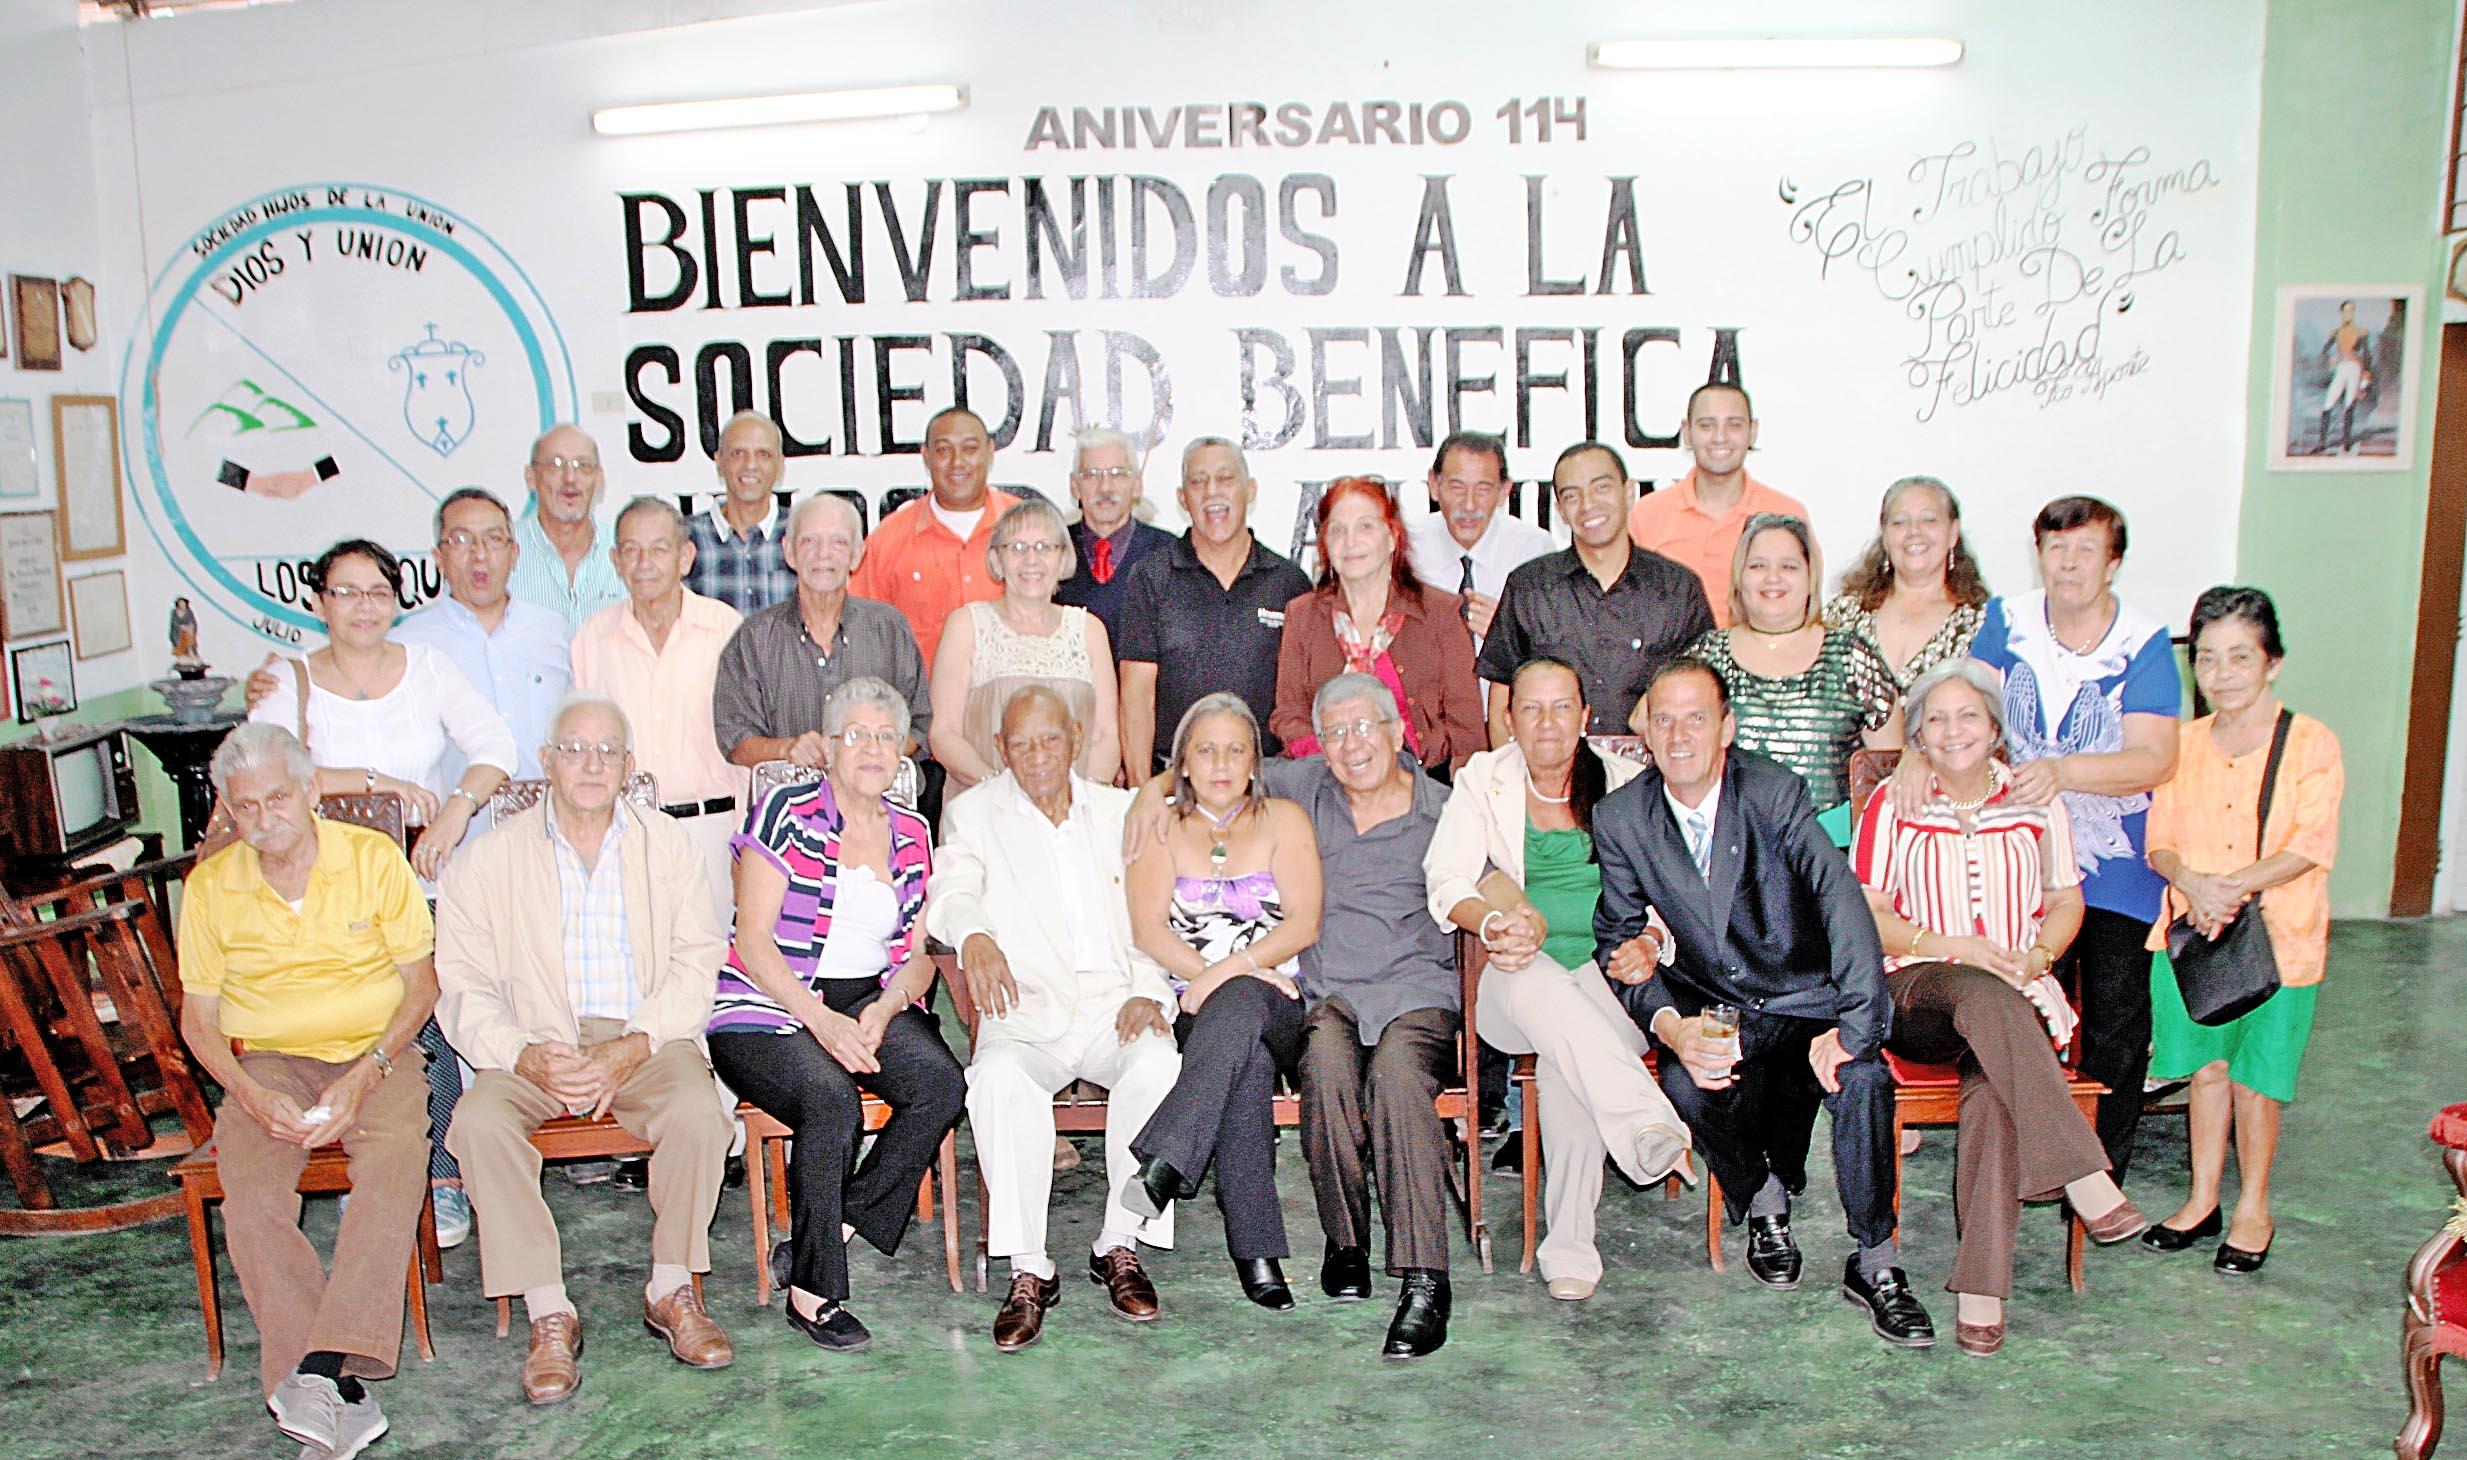 Hijos de la Unión celebró 114  años al servicio de la Comunidad